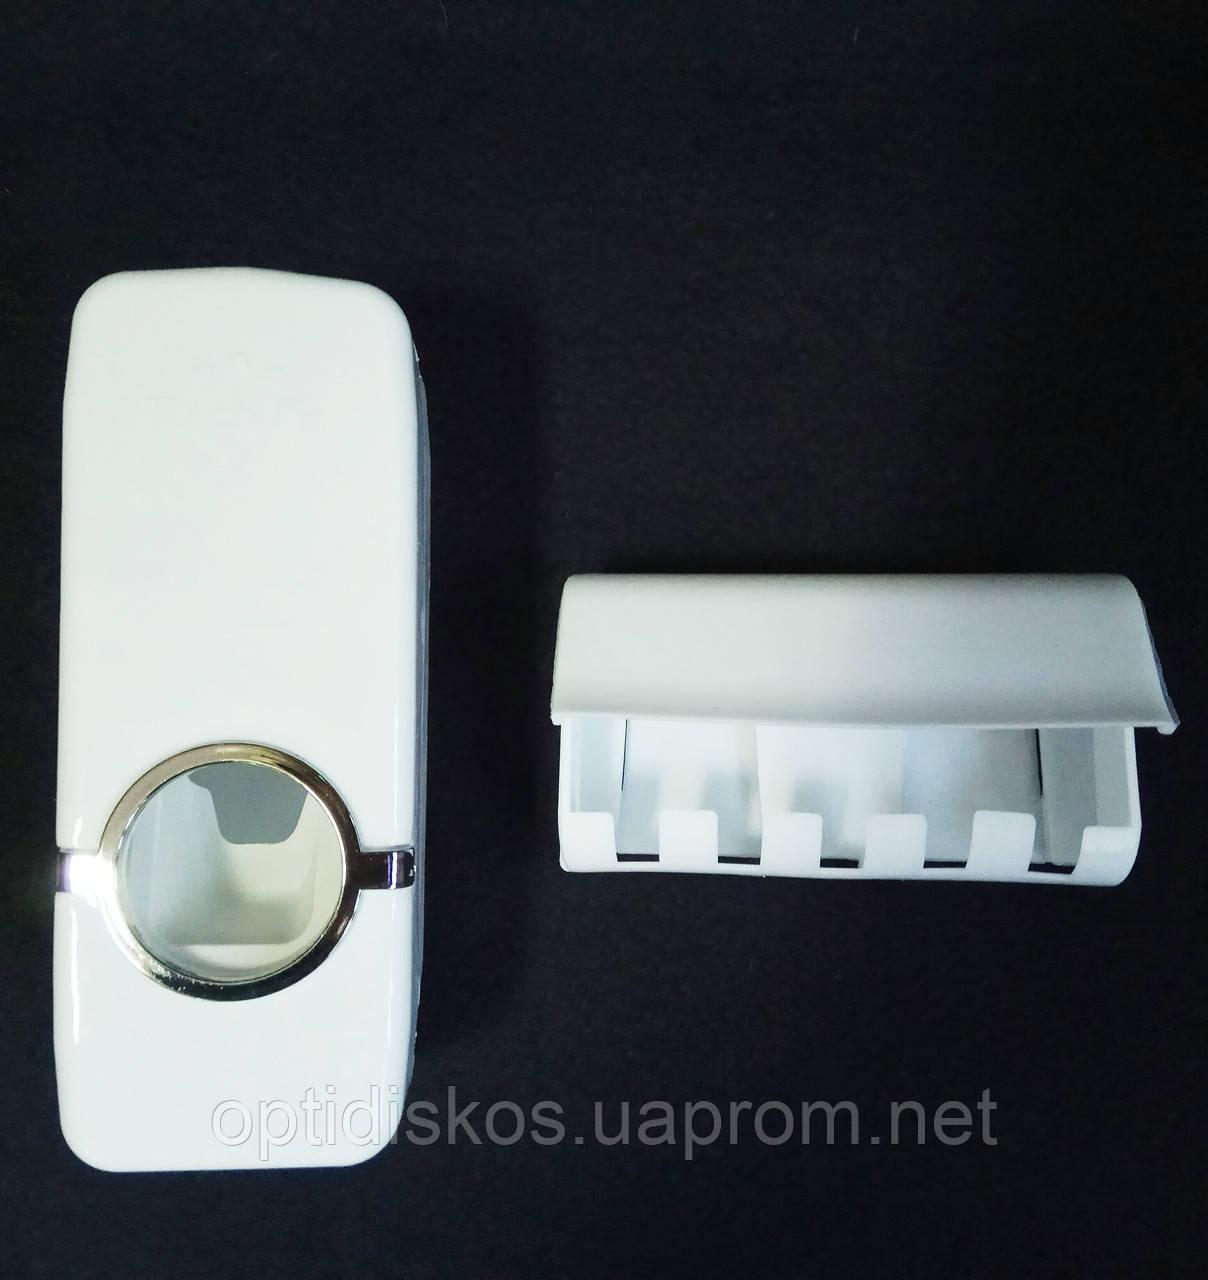 дозатор для зубной пасты и держатель для зубных щеток